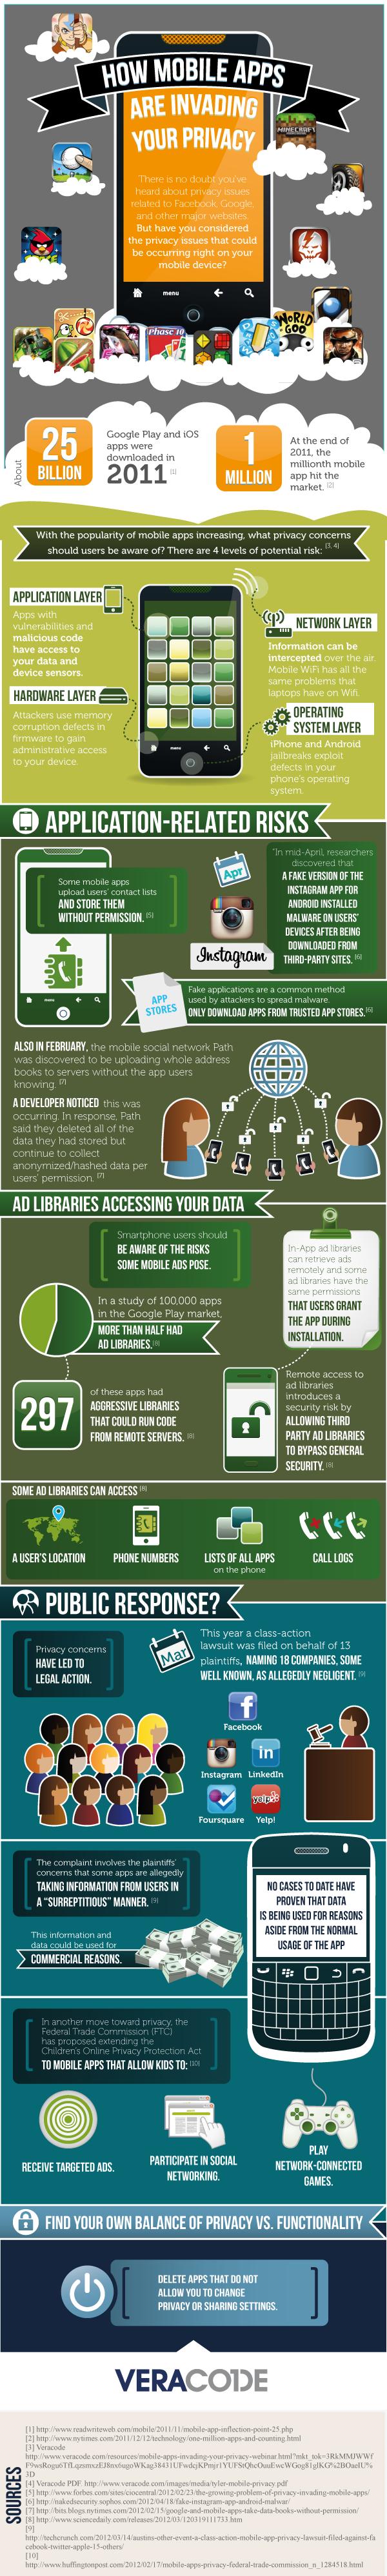 Infografía: Cómo invaden la privacidad las aplicaciones móviles 50